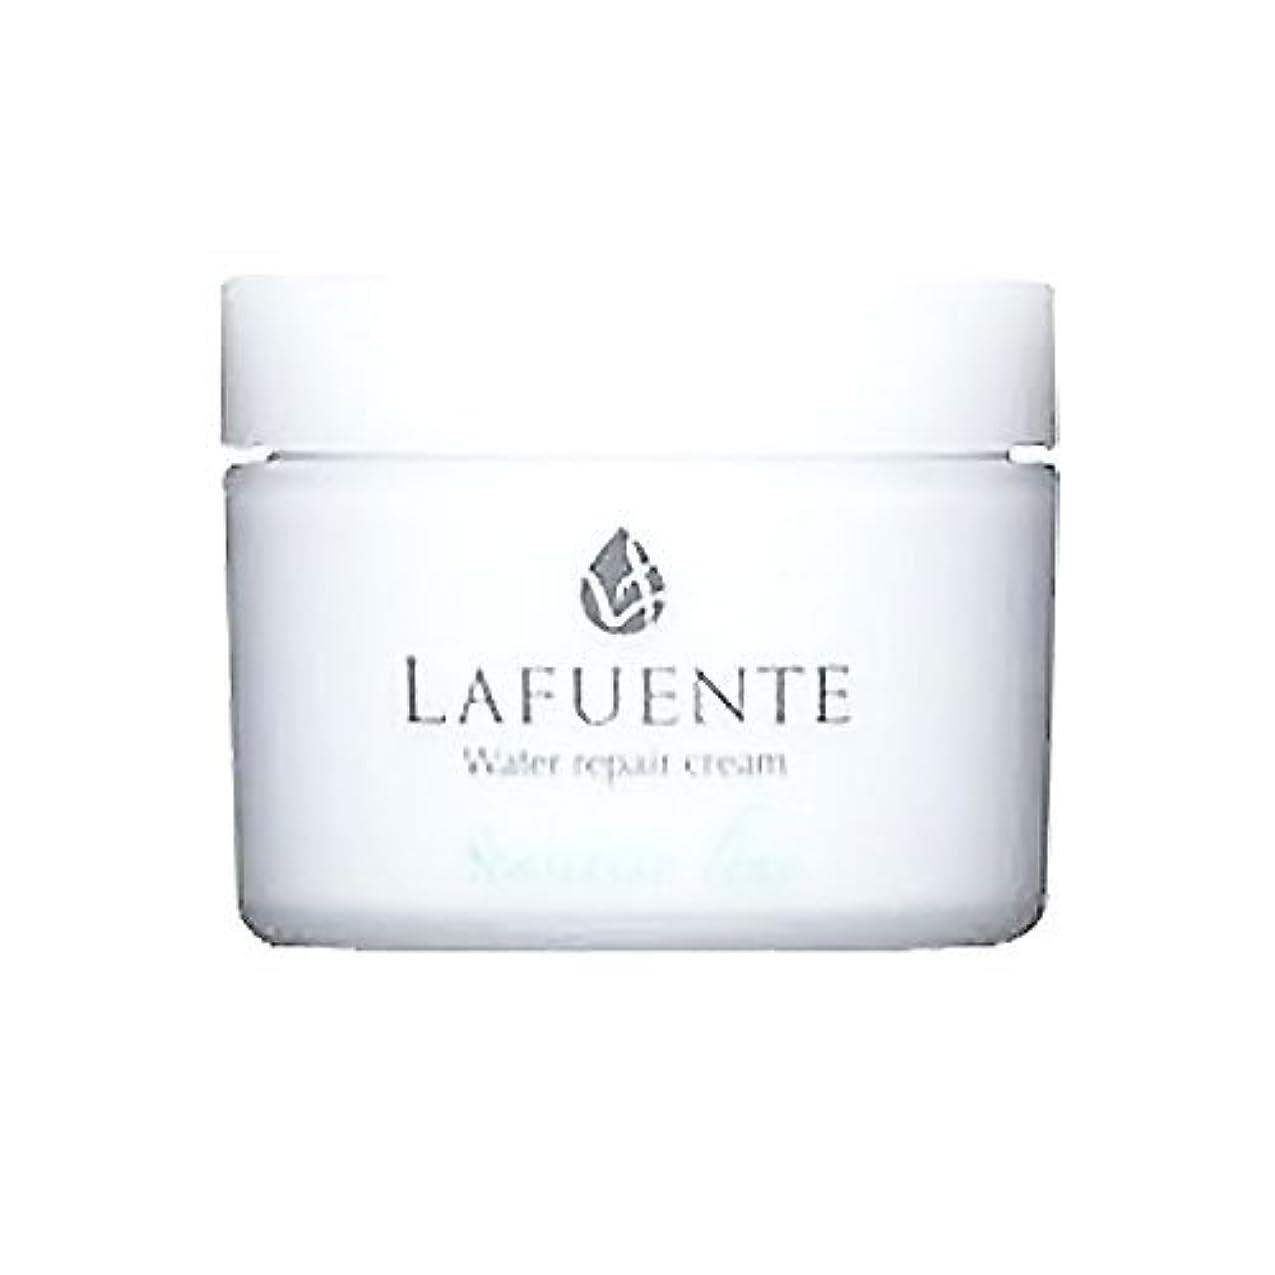 戻るフレット一貫性のないLAFUNTE (ラファンテ) ウォーターリペアクリーム 50g